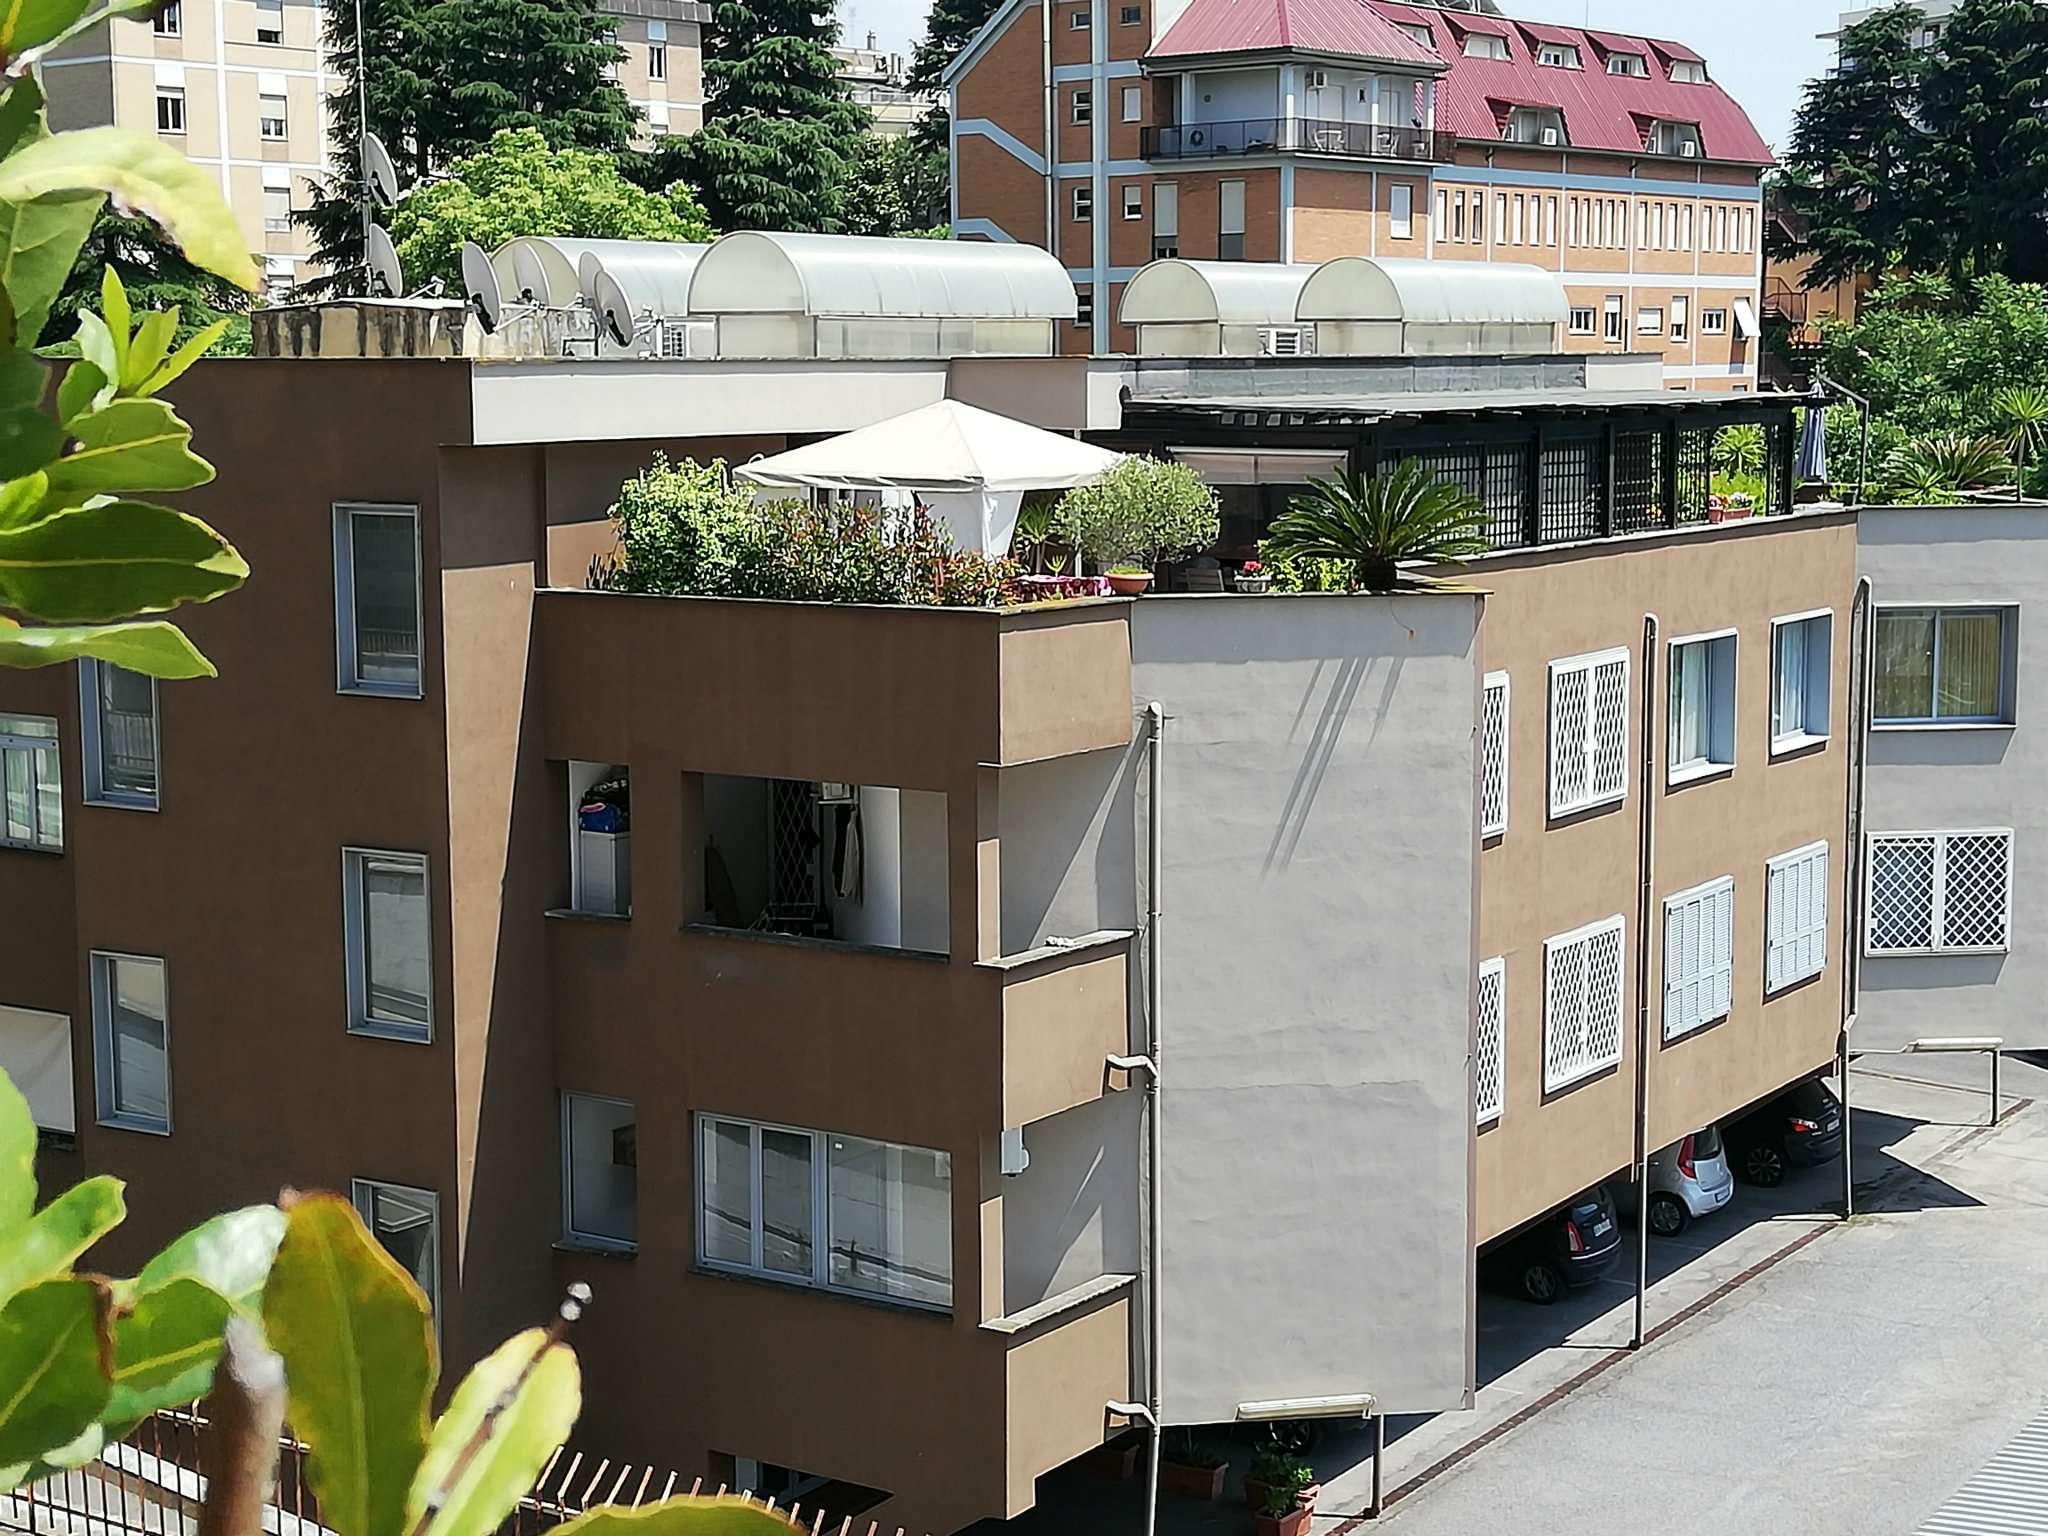 Appartamento in vendita a Roma, 1 locali, zona Zona: 24 . Gianicolense - Colli Portuensi - Monteverde, prezzo € 115.000   CambioCasa.it